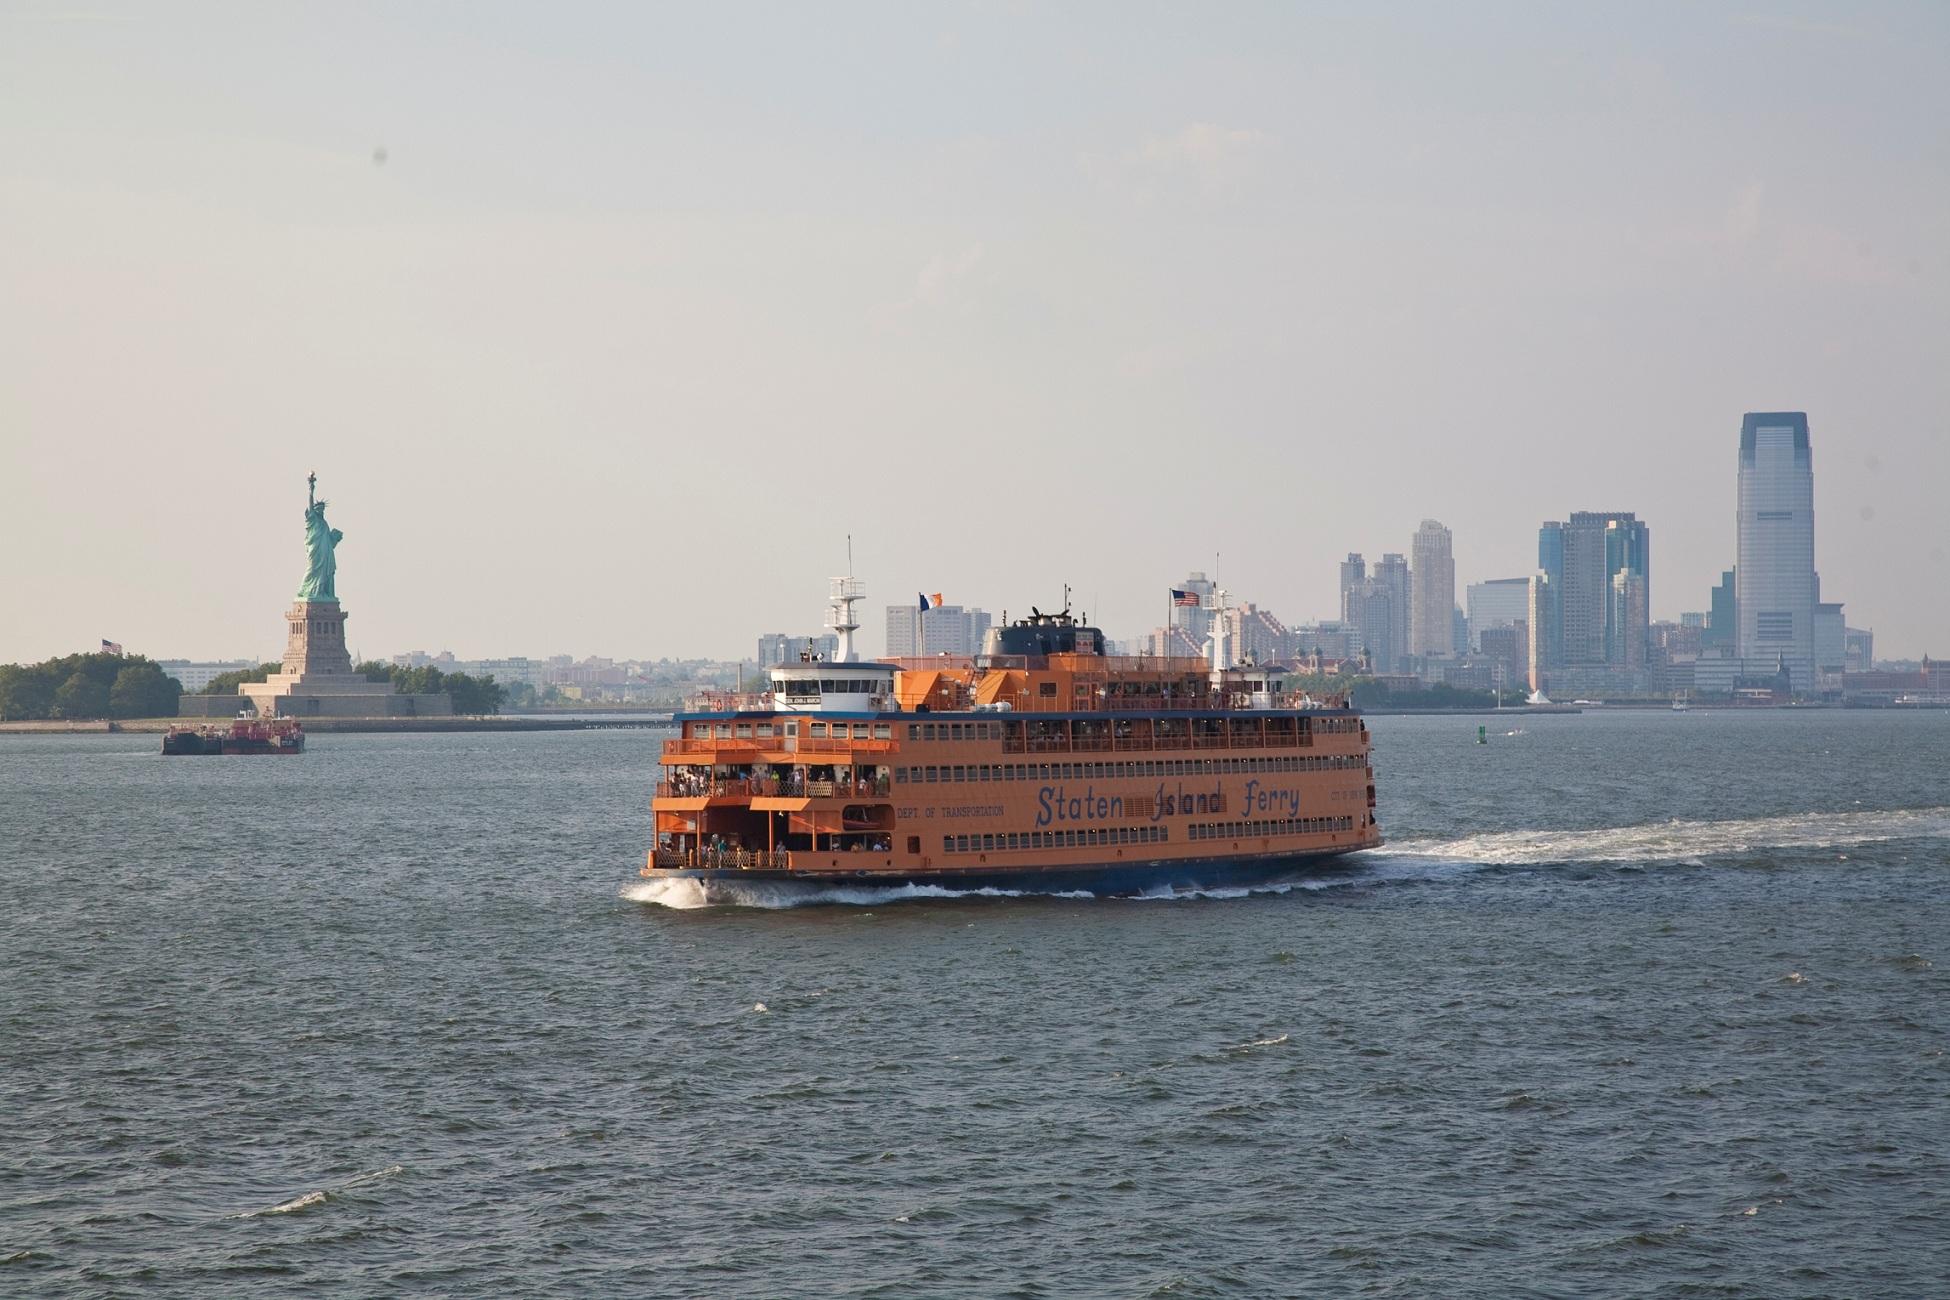 Turismo de nueva york promociona staten island bookingfax - Oficina de turismo nueva york ...